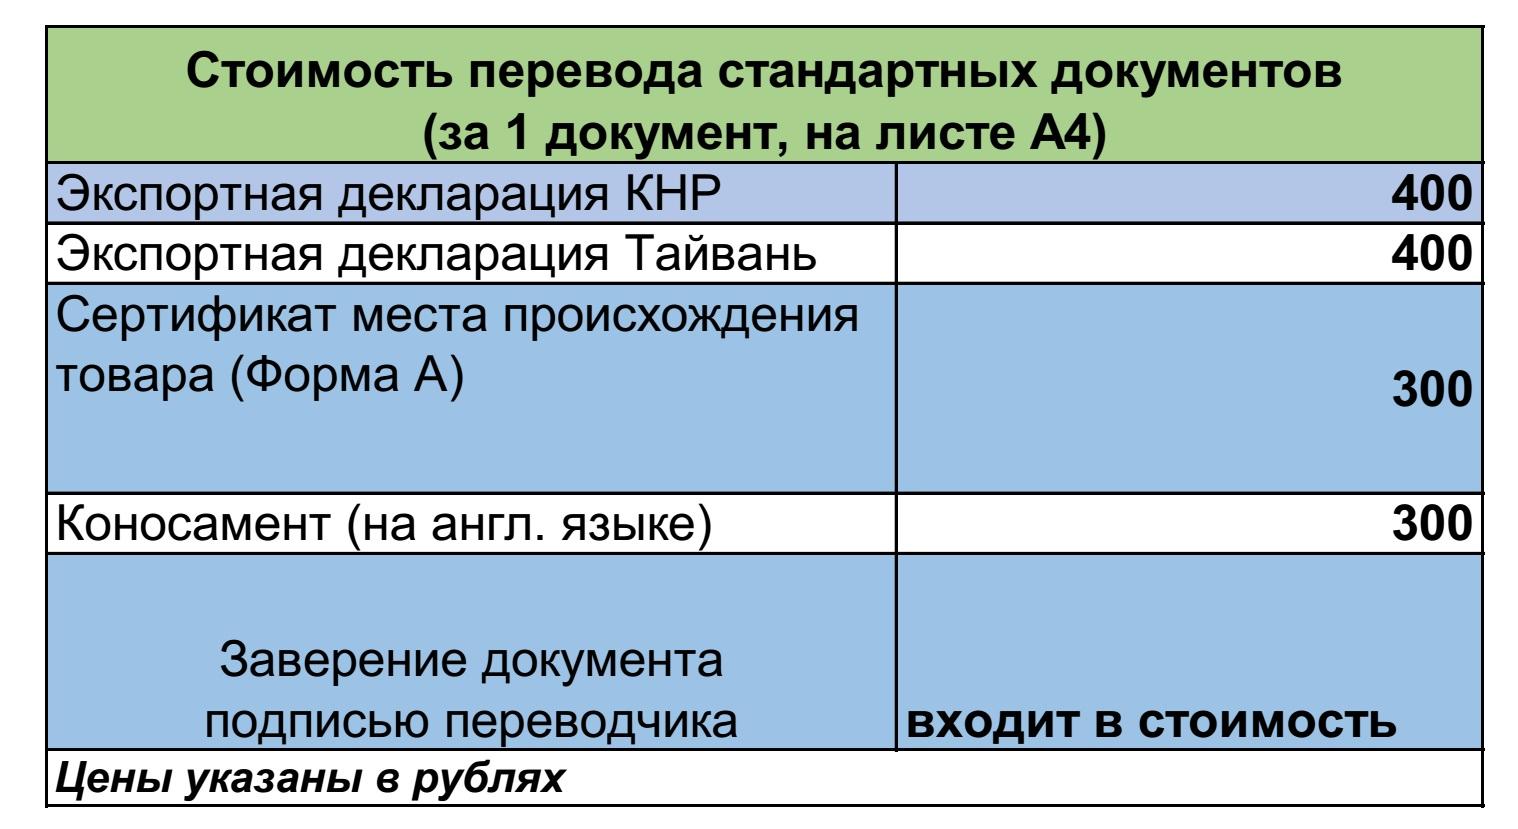 цены на услуги перевода таможенных и товаросопроводительных документов